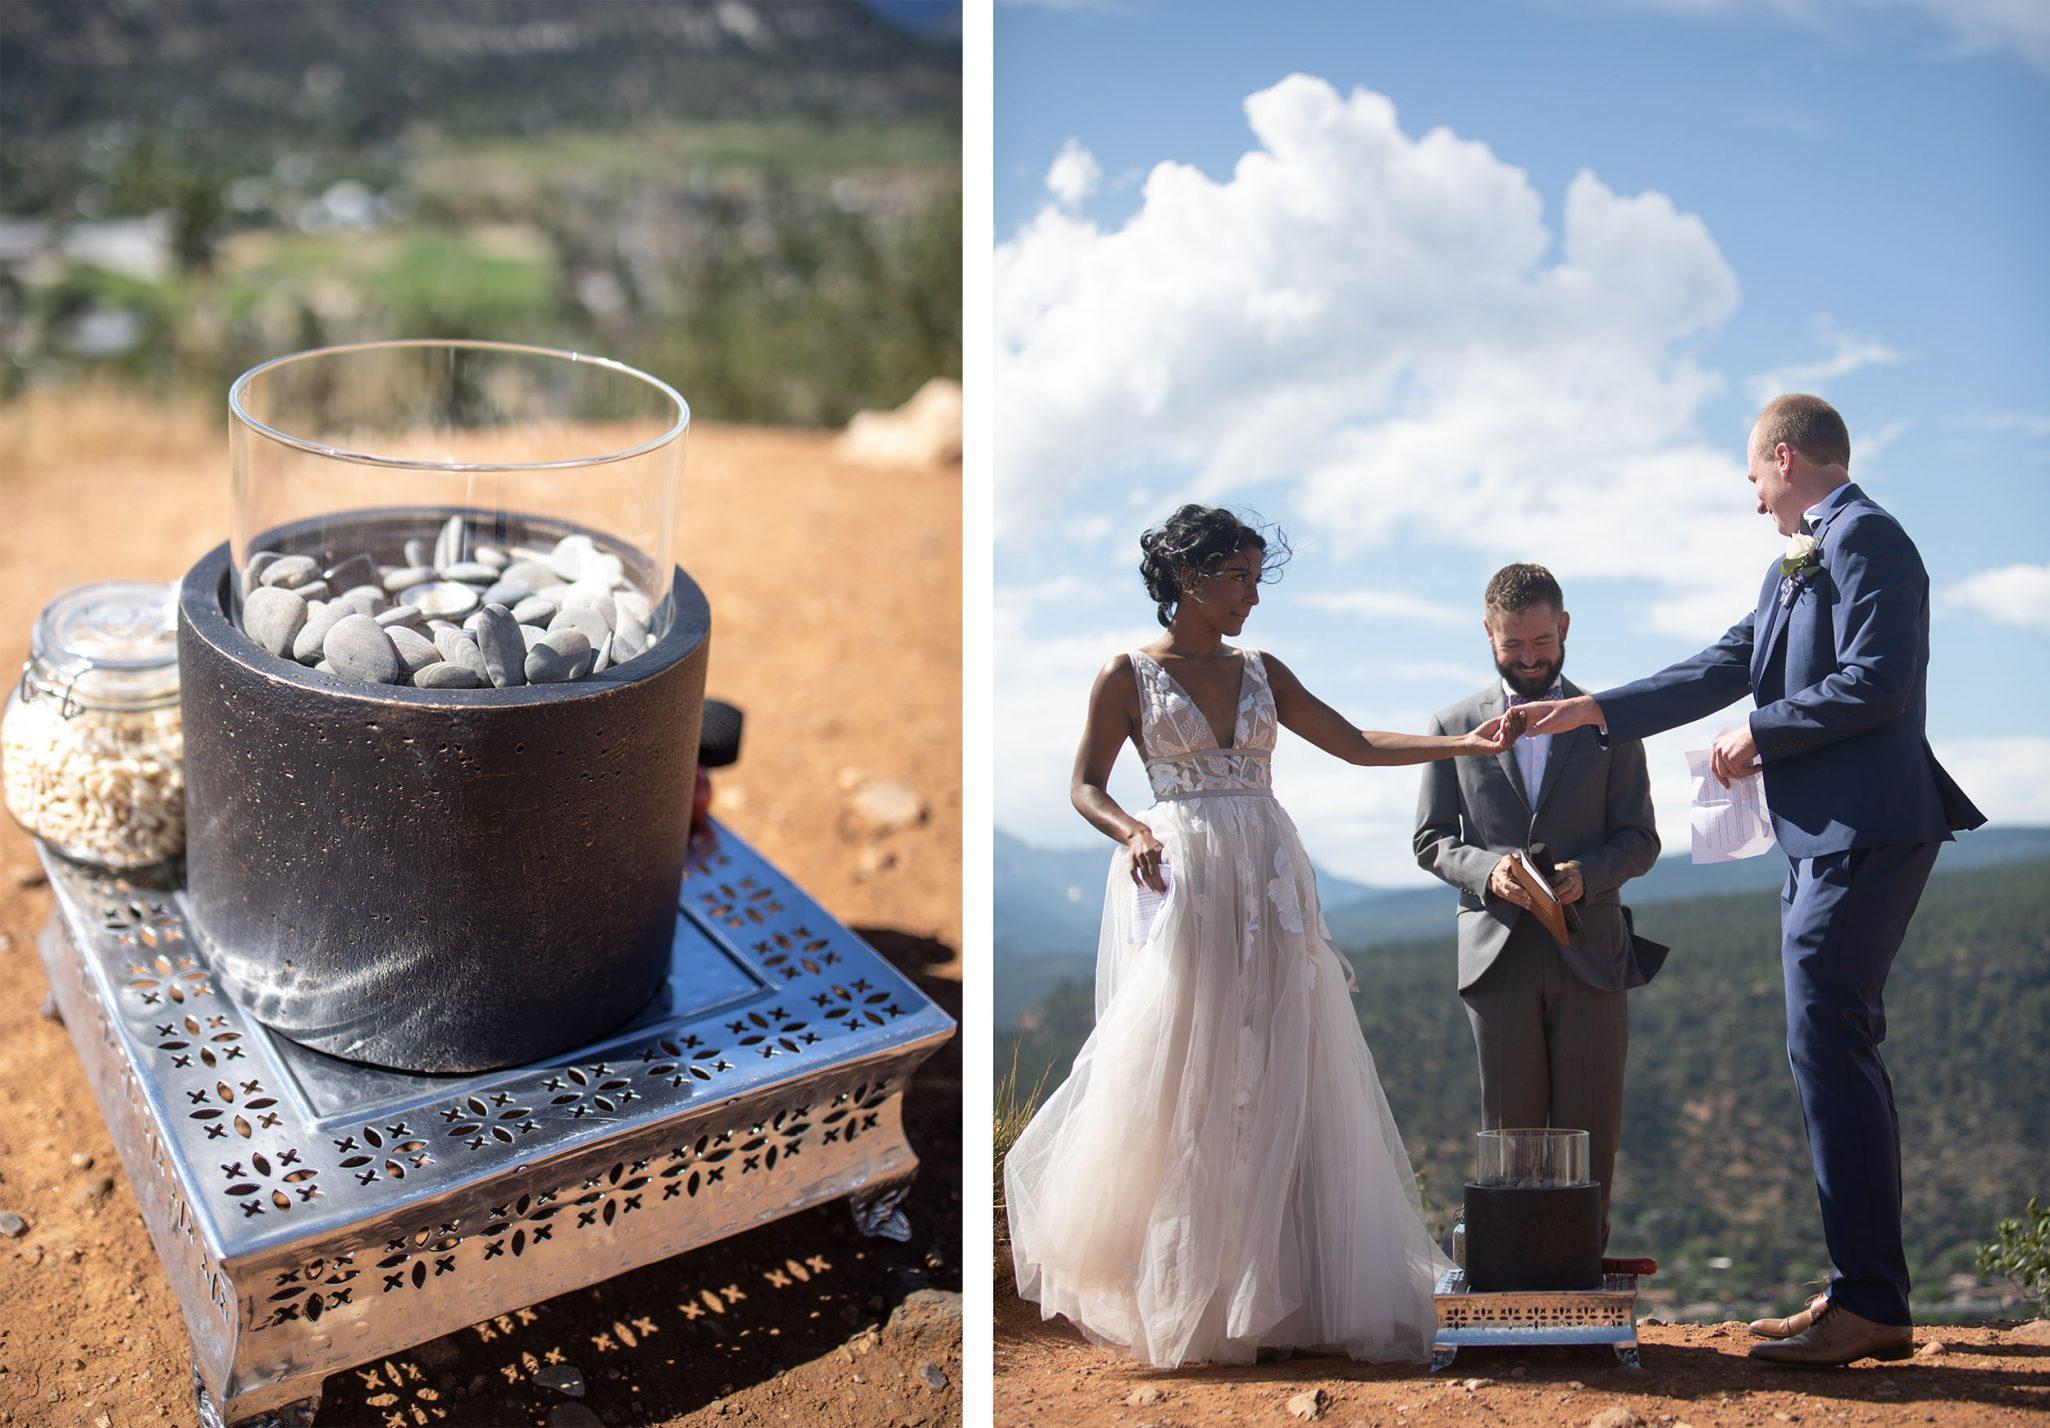 Wedding ceremony in Durango, Colorado